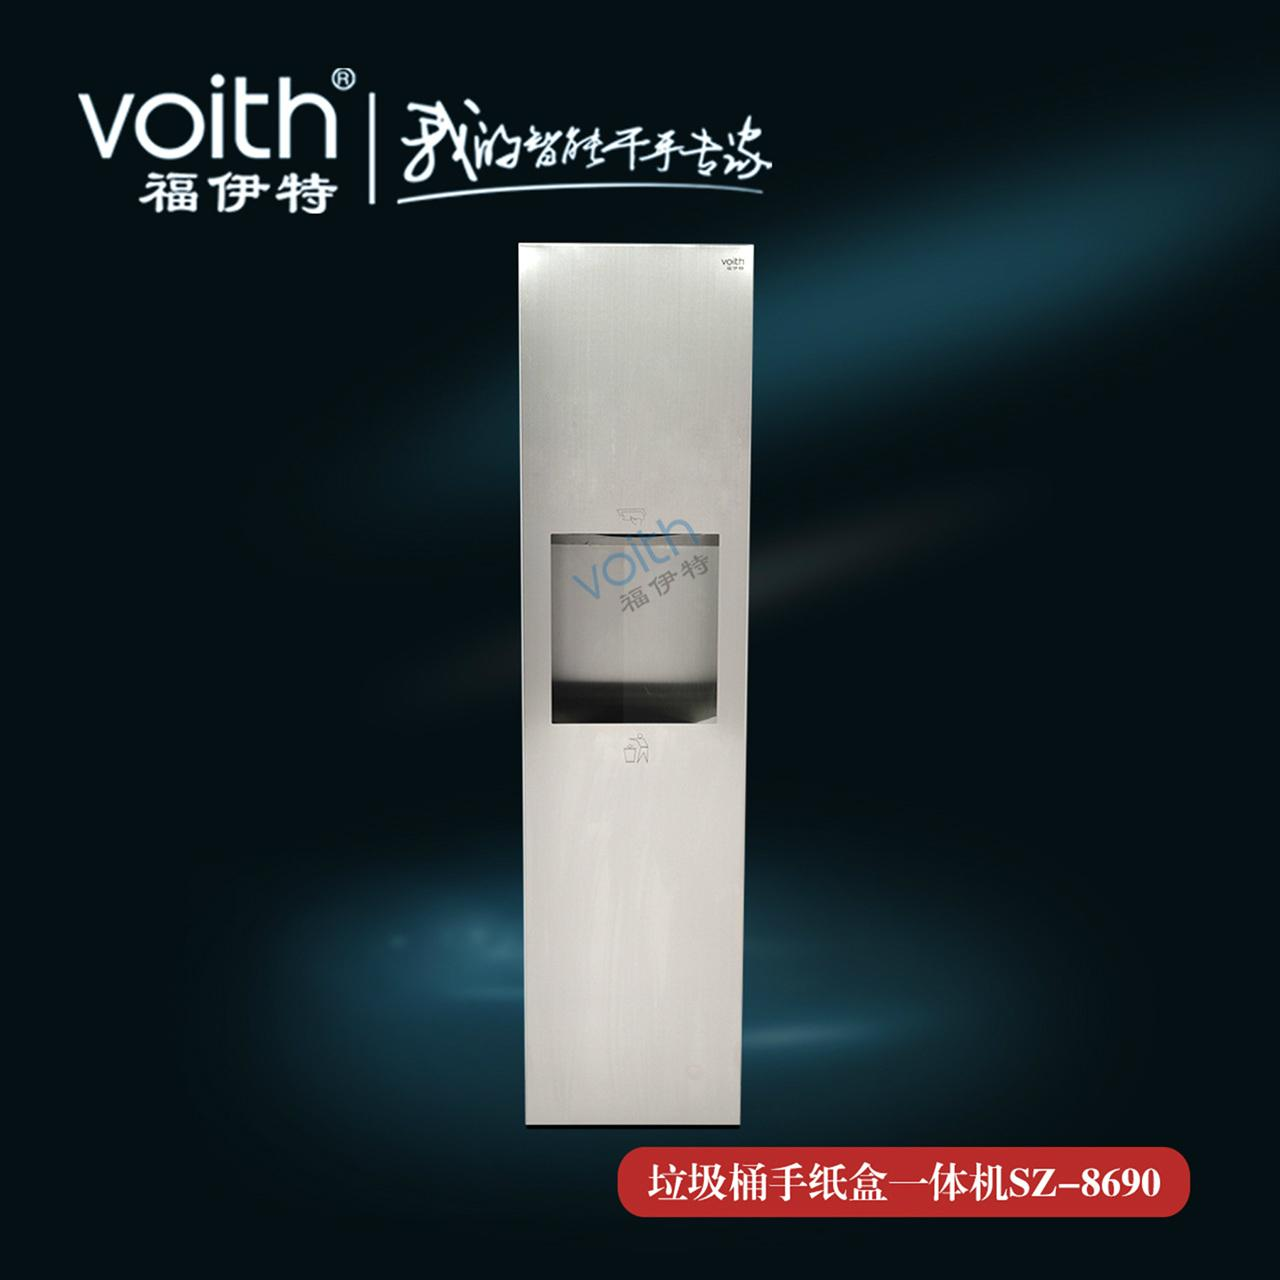 深圳304不鏽鋼入牆式二合一抽紙箱SZ-8690 1